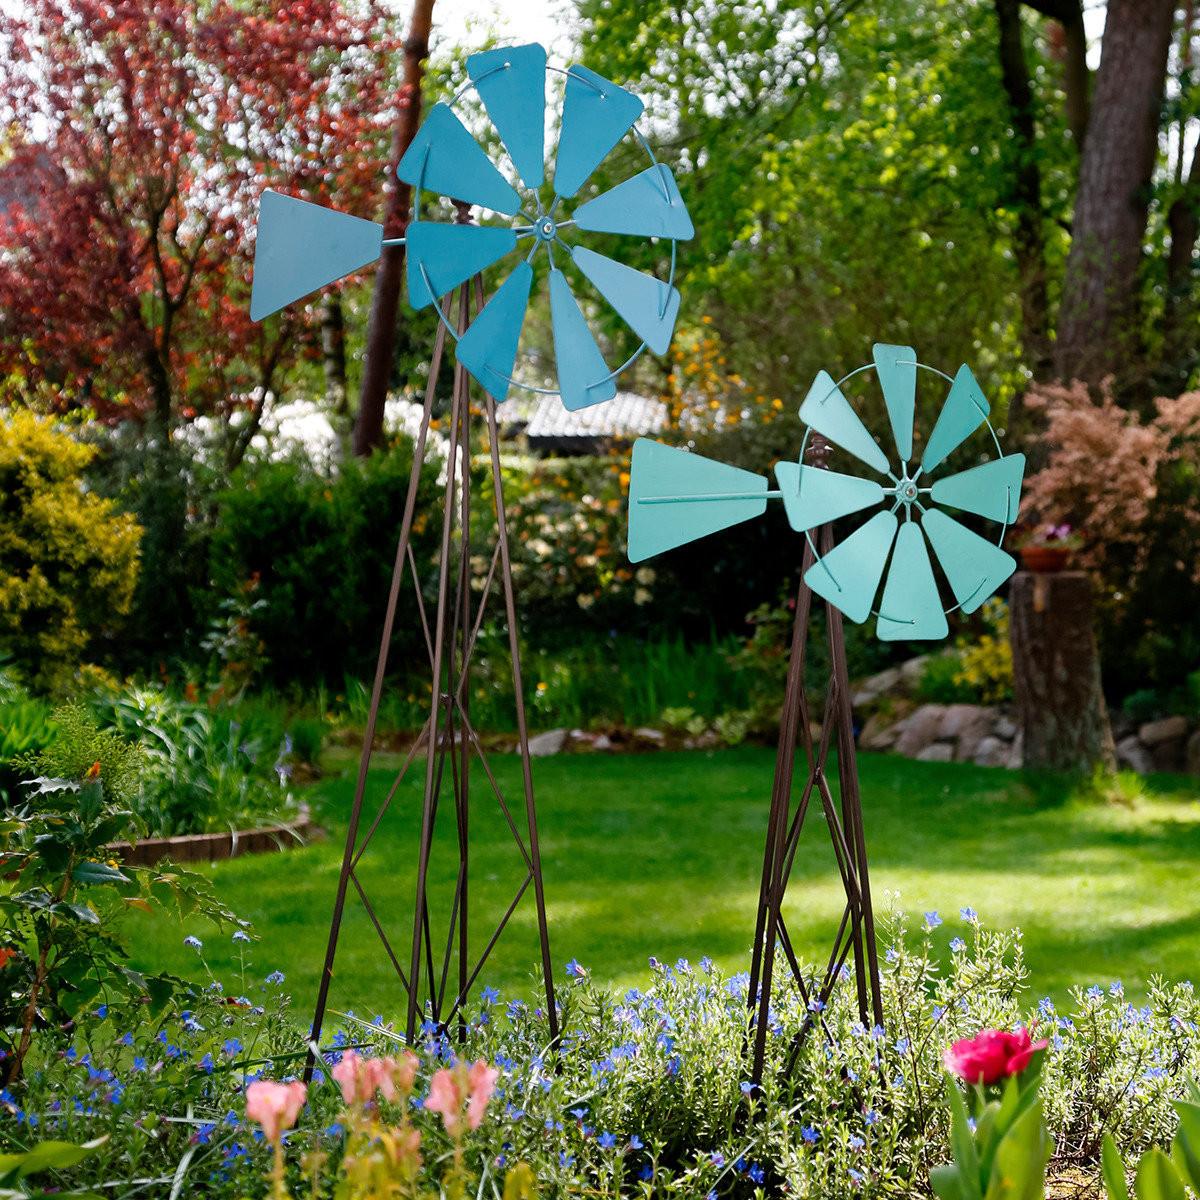 Windmühle Garten  Garten Windmühle groß online kaufen bei Gärtner Pötschke